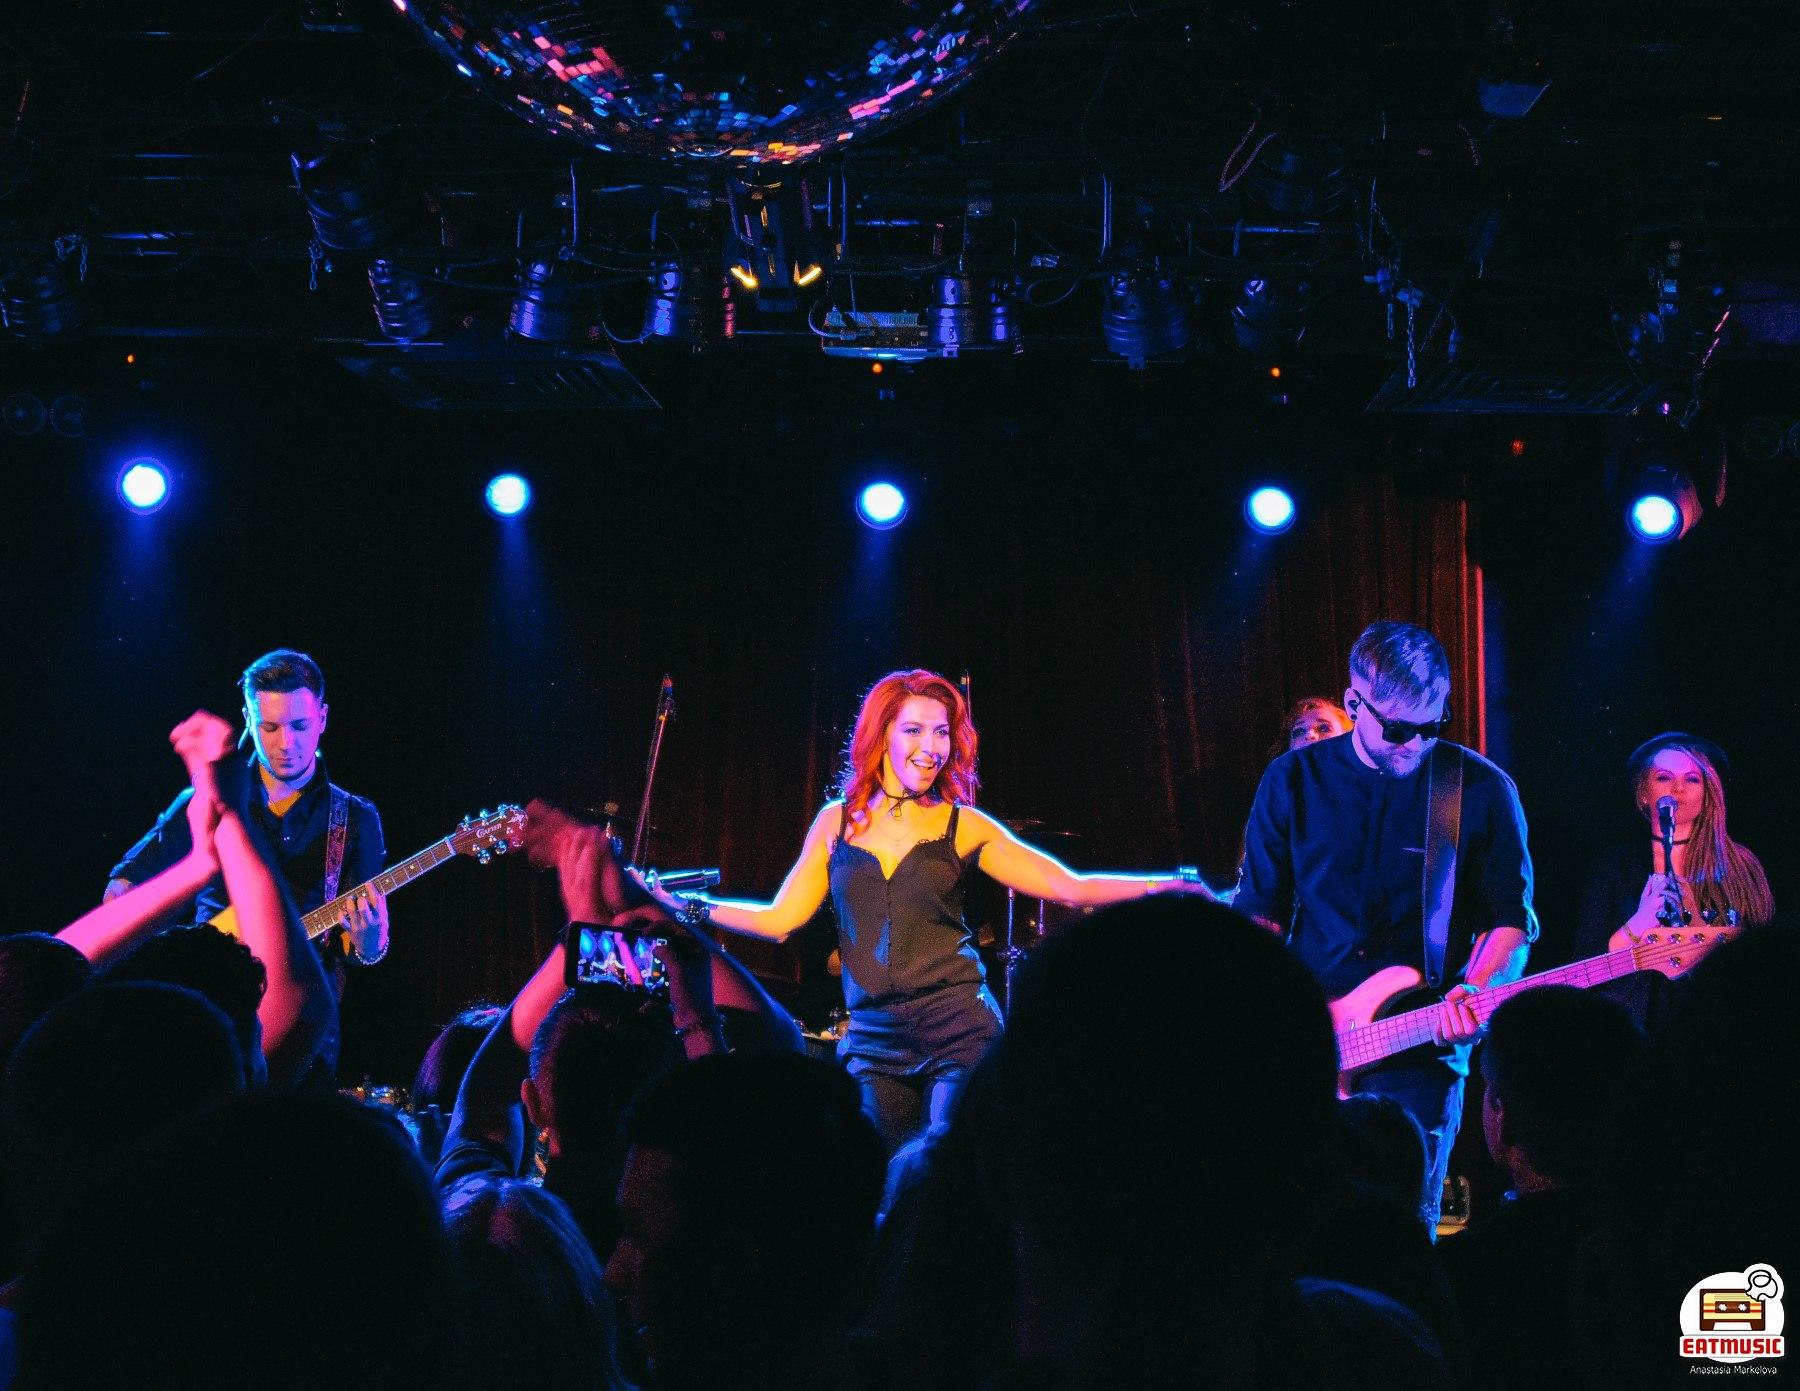 Юбилейный концерт группы LaScala в 16 Тонн 05 марта: репортаж, фото Анастасия Маркелова